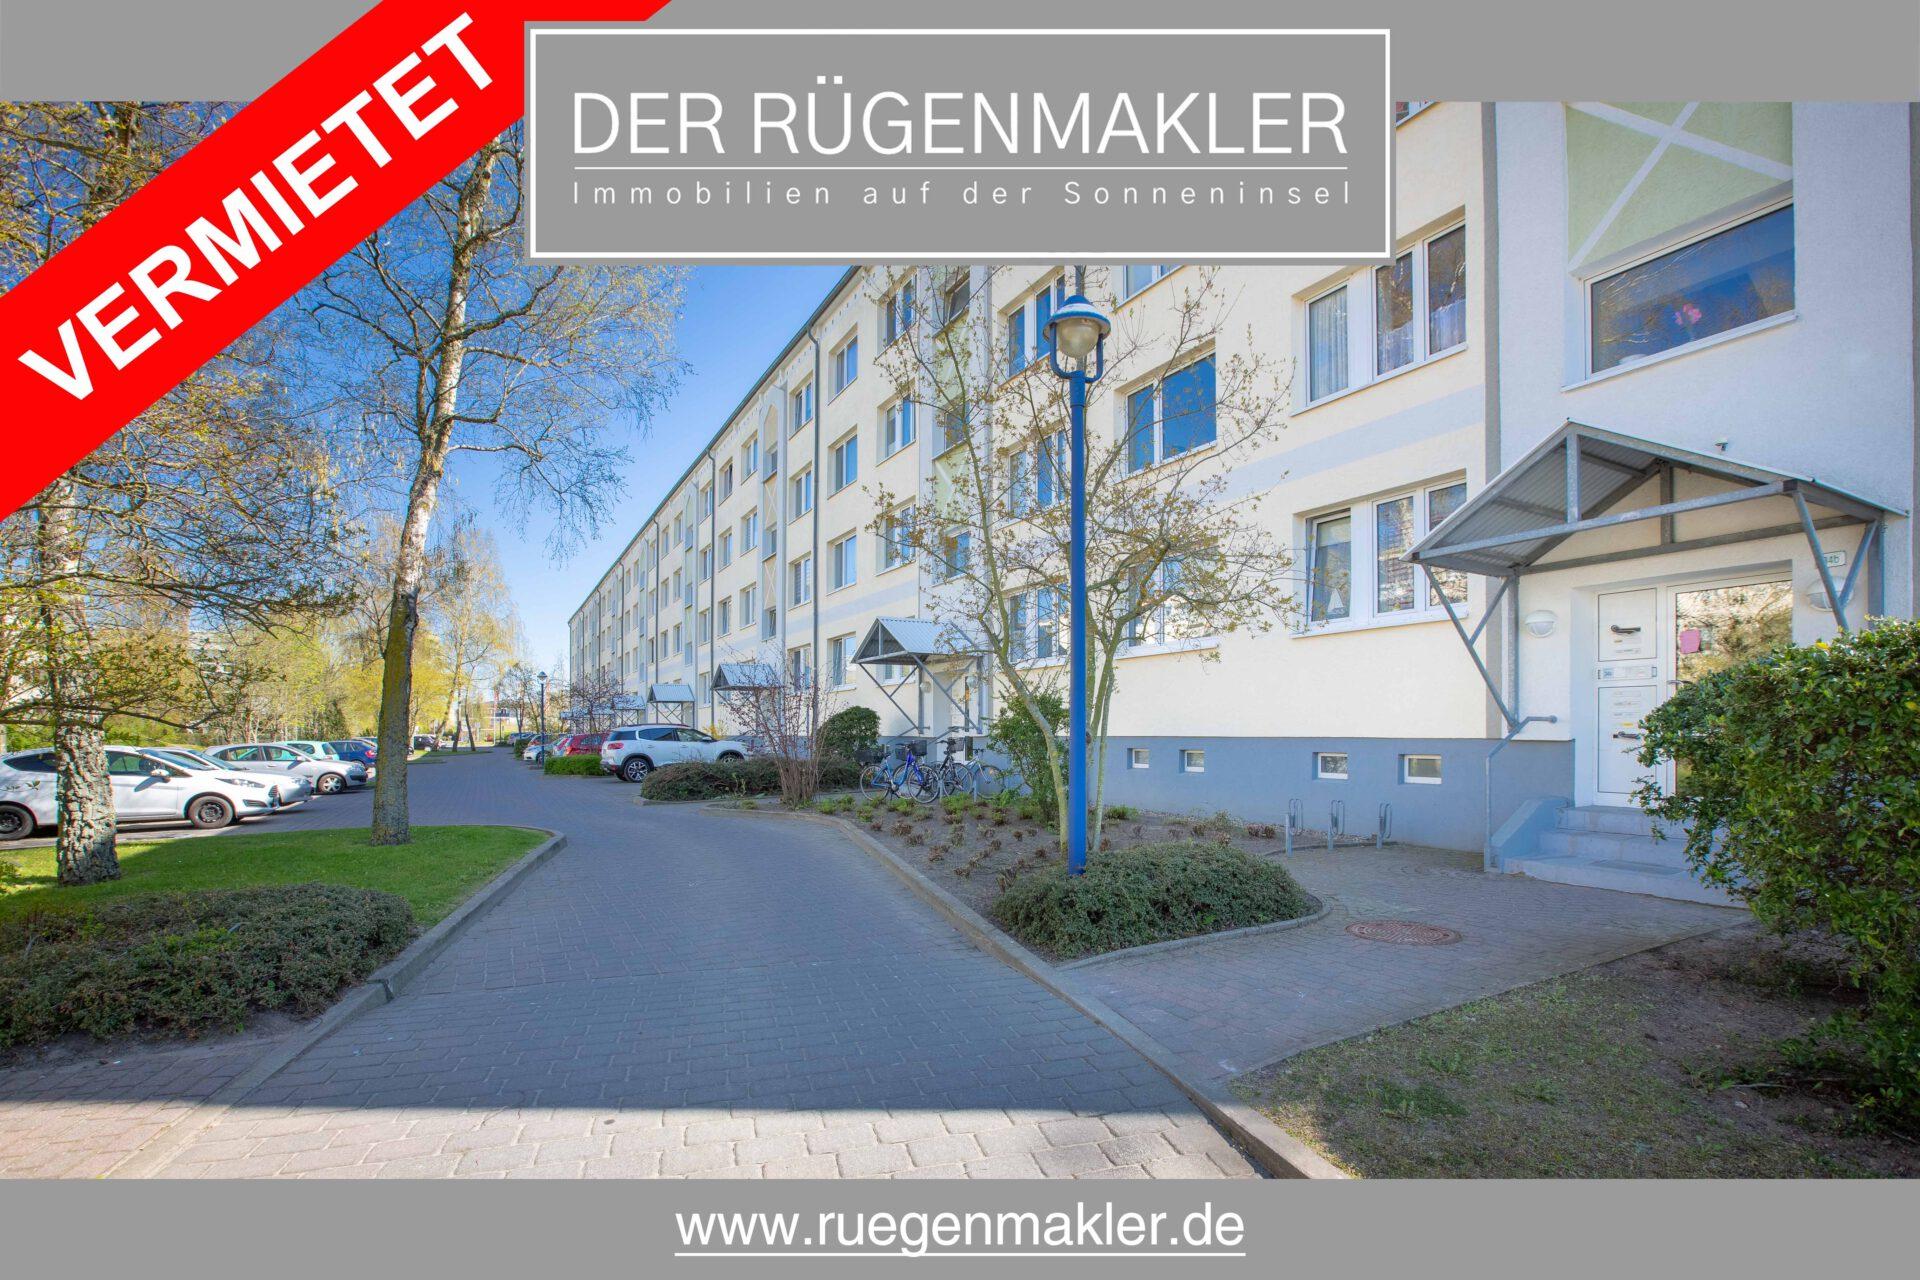 ruegenmakler-greifswald-wohnung-vermietet